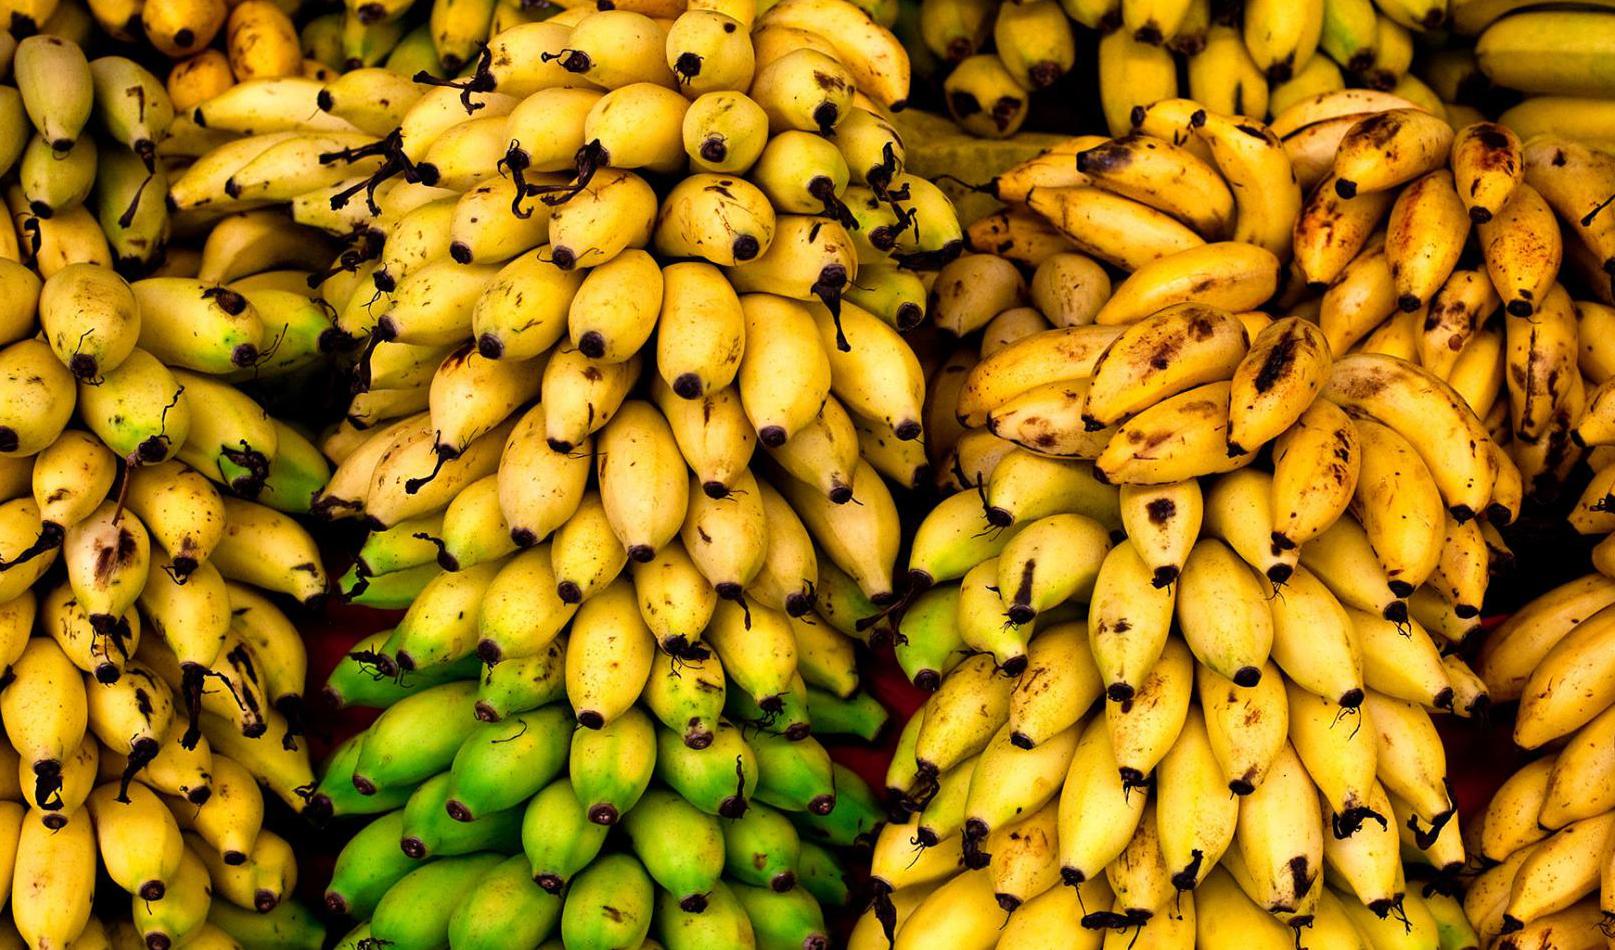 کمبودی در عرضه میوه نداریم؛ انحصار در واردات موز، قیمت را بالا برد